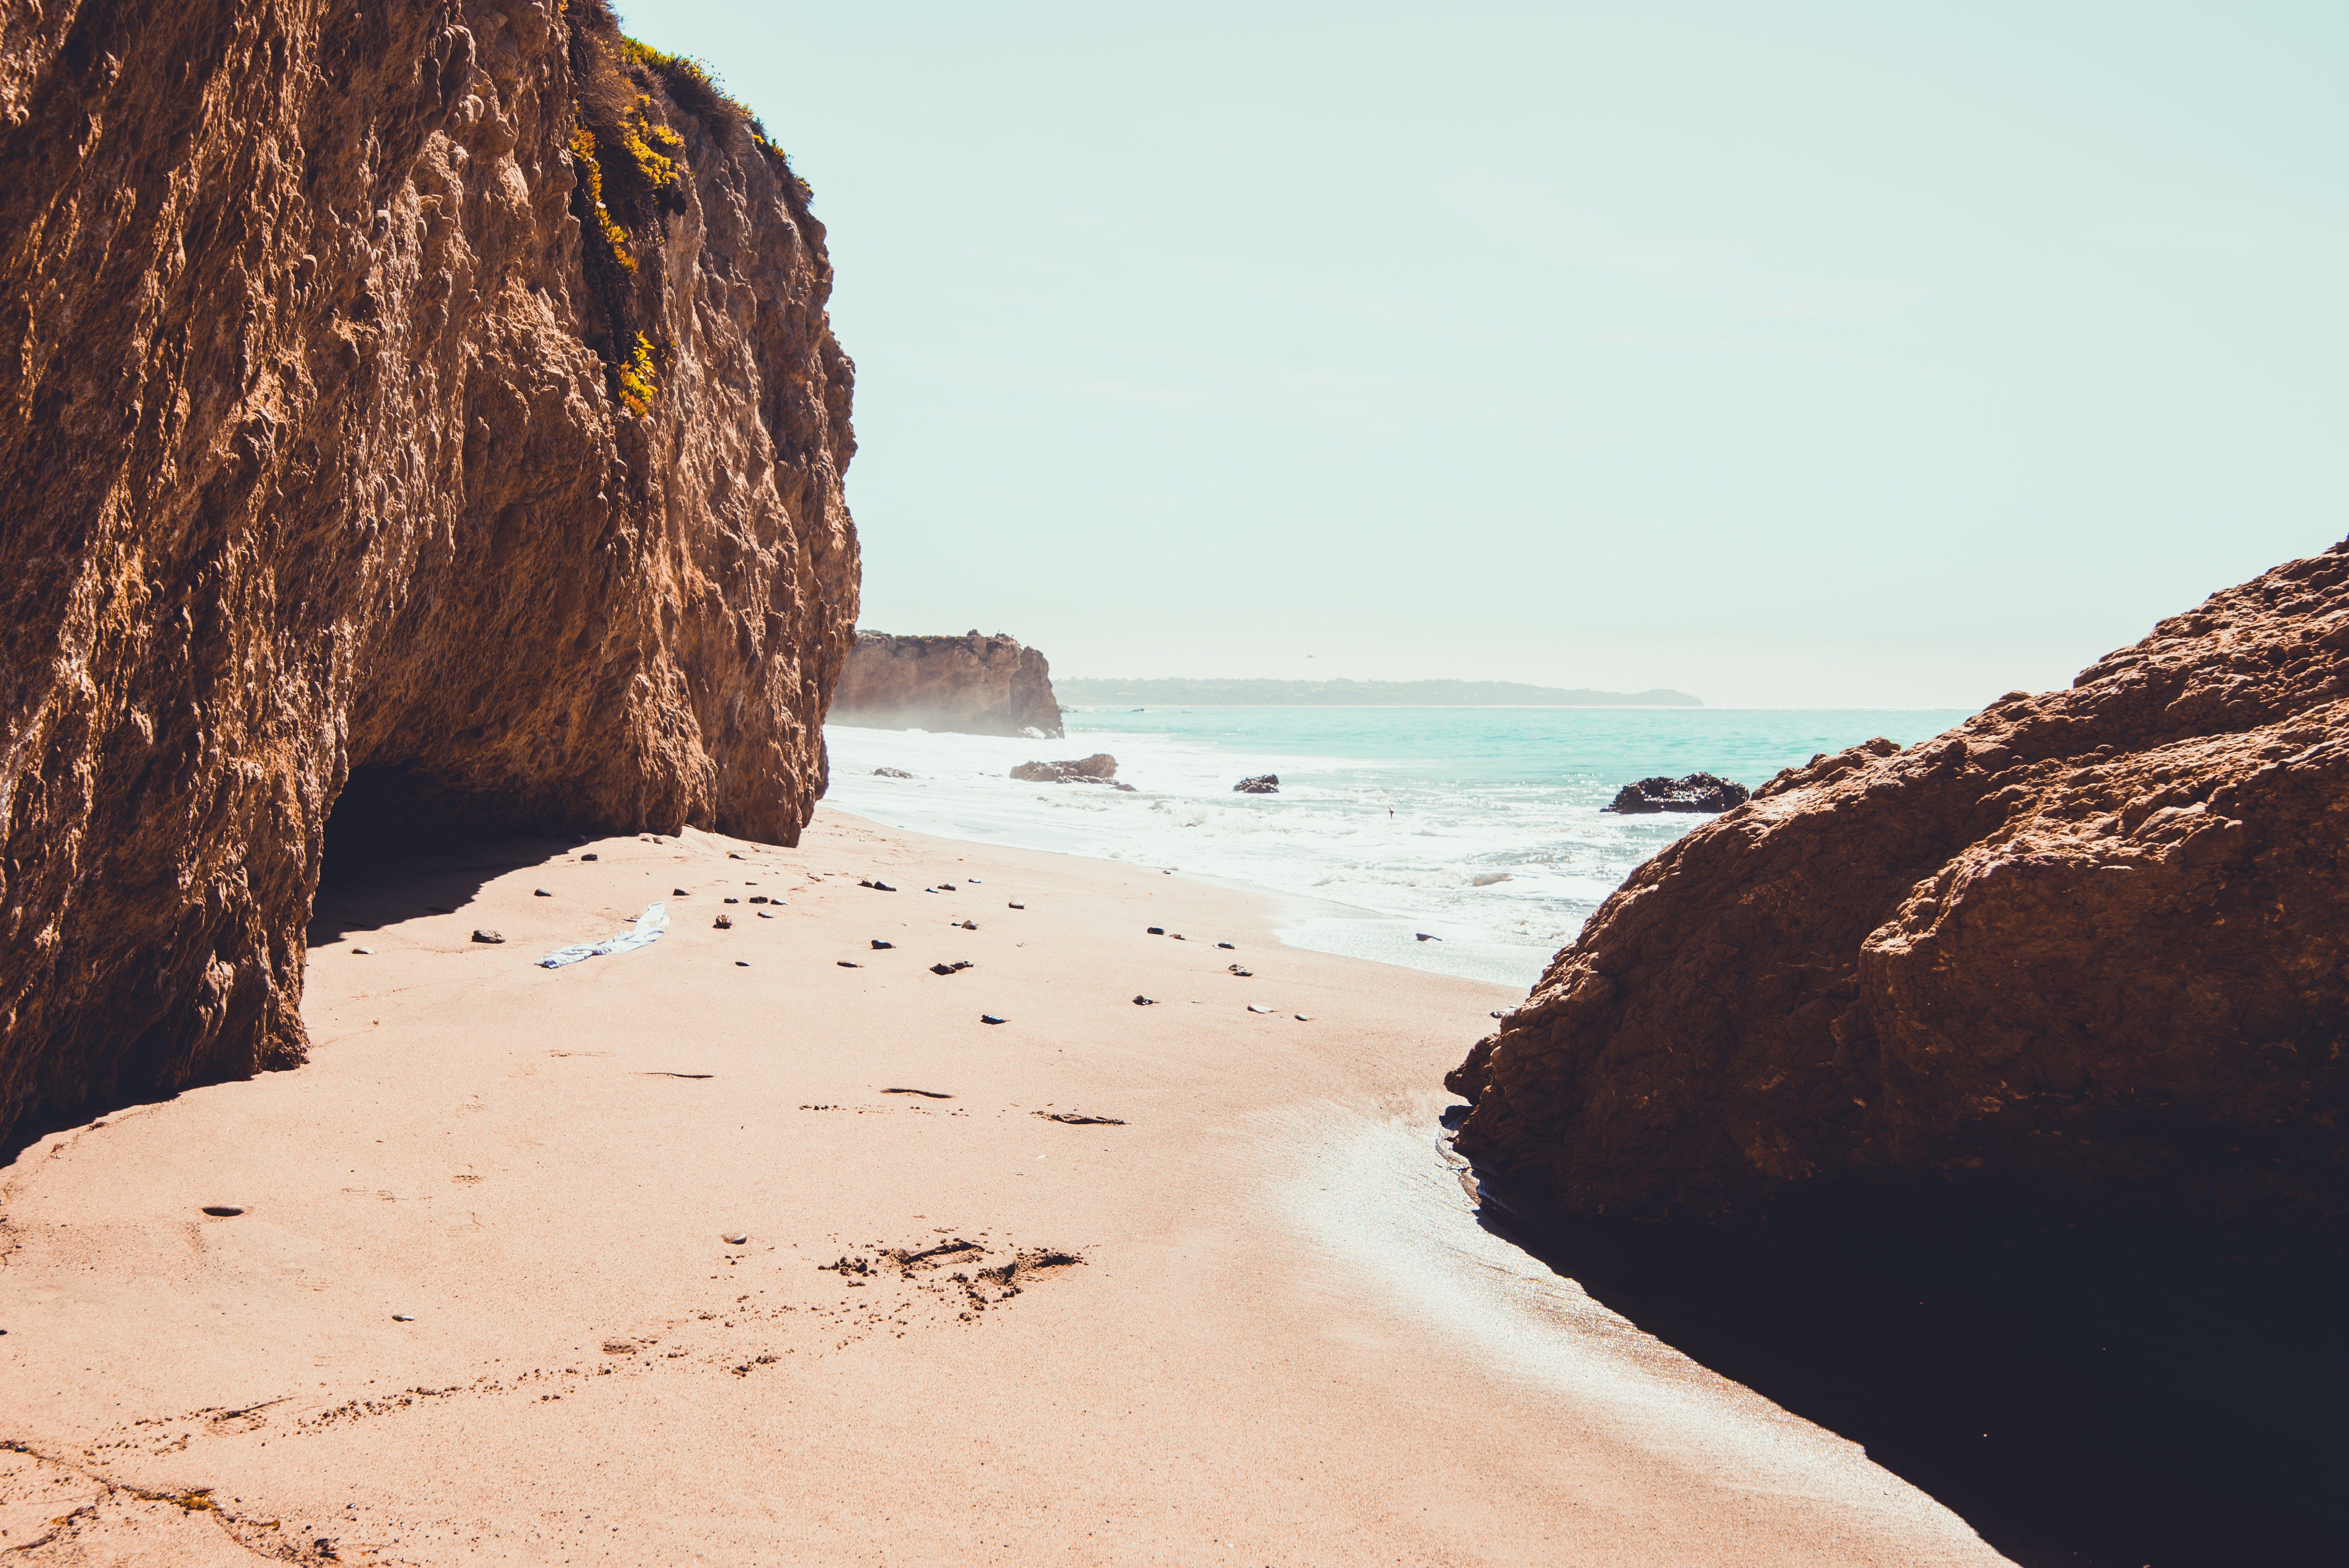 Δωρεάν στοκ φωτογραφιών με ακτή, άμμος, βράχια, γαλήνιος